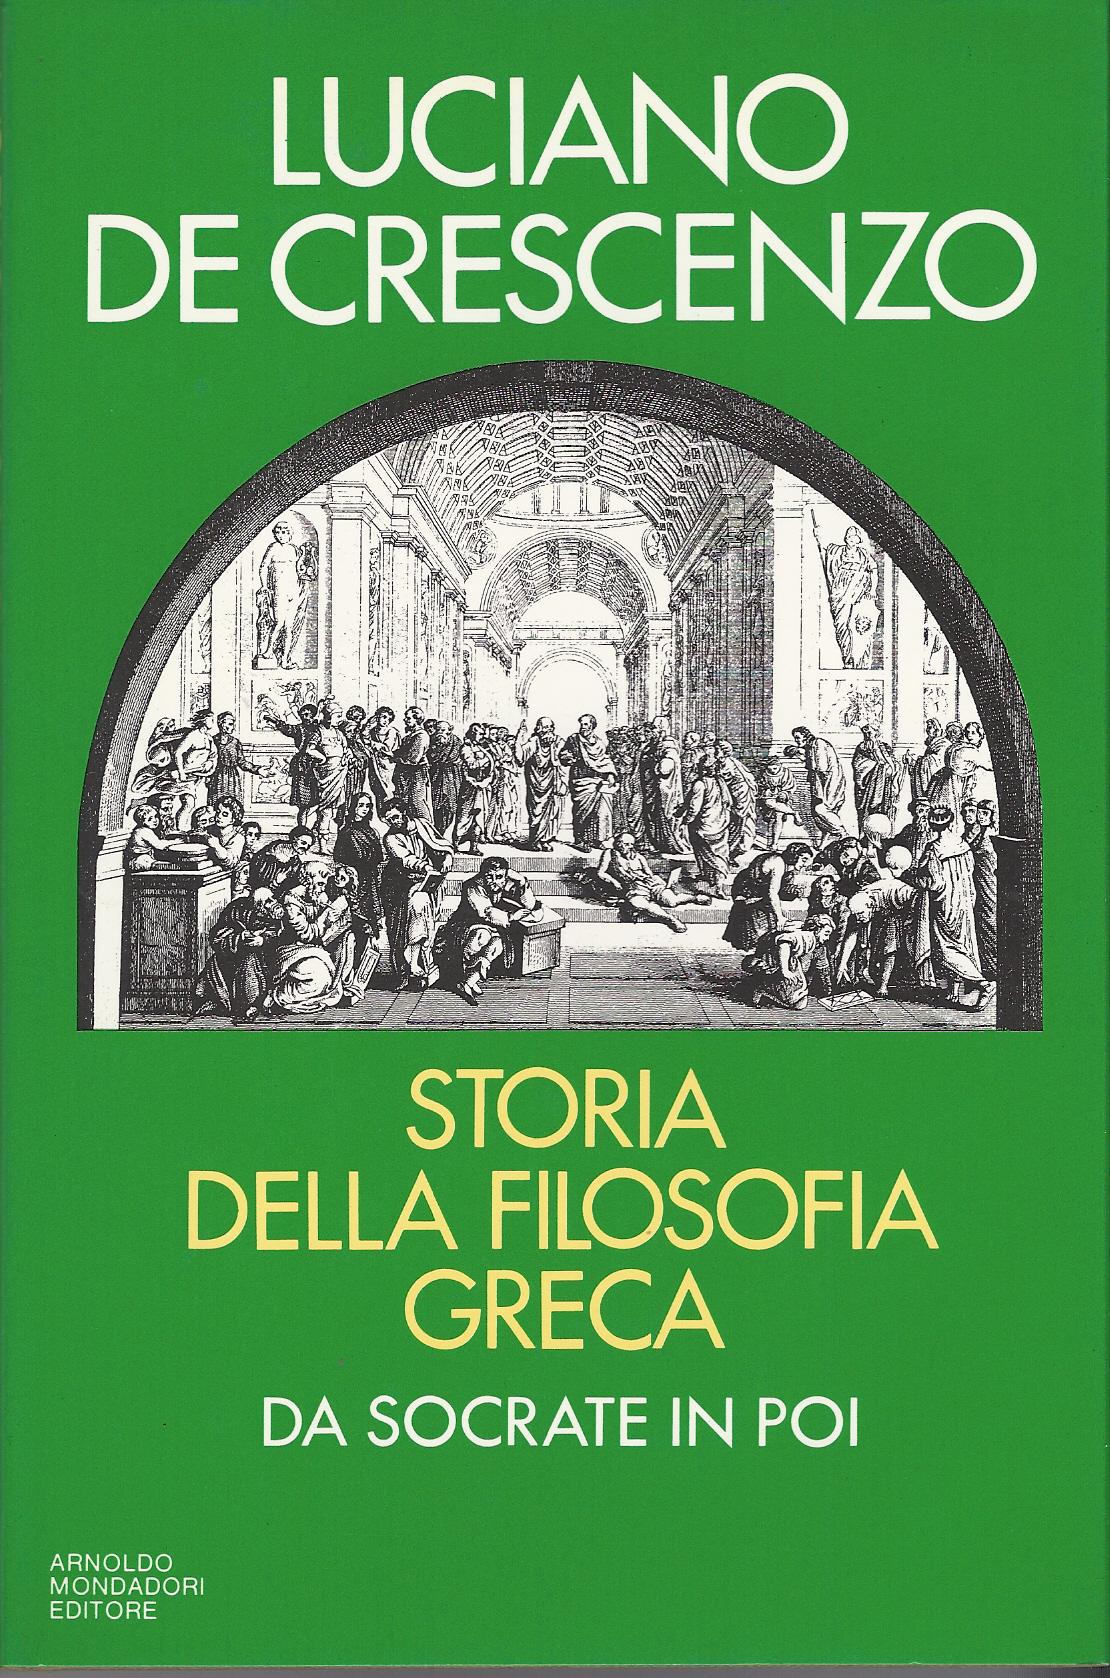 Storia della filosofia greca vol.2